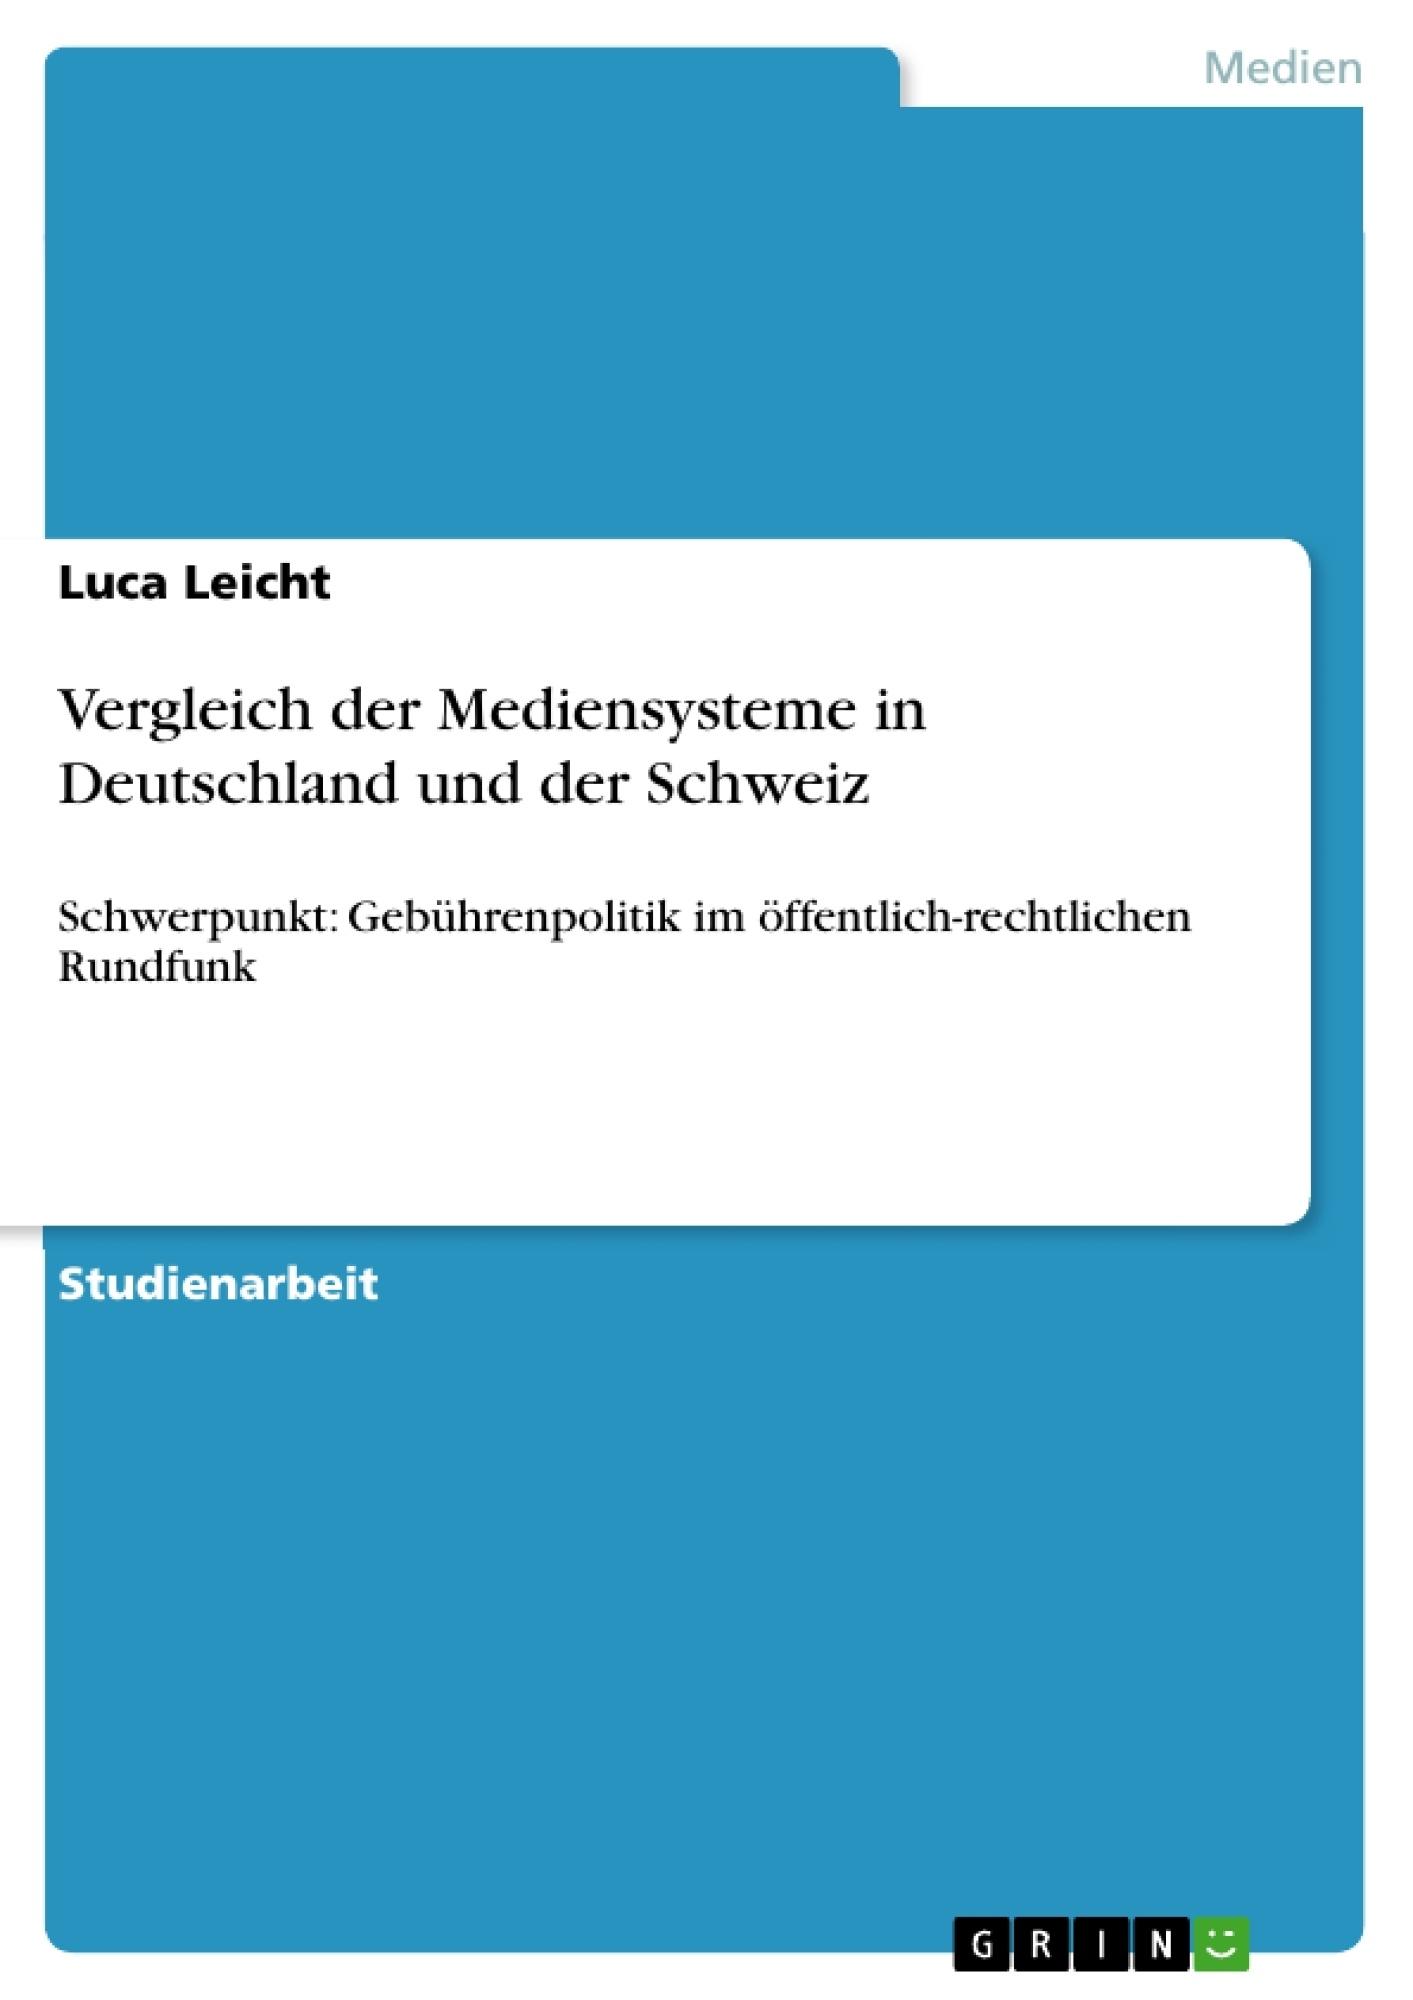 Titel: Vergleich der Mediensysteme in Deutschland und der Schweiz